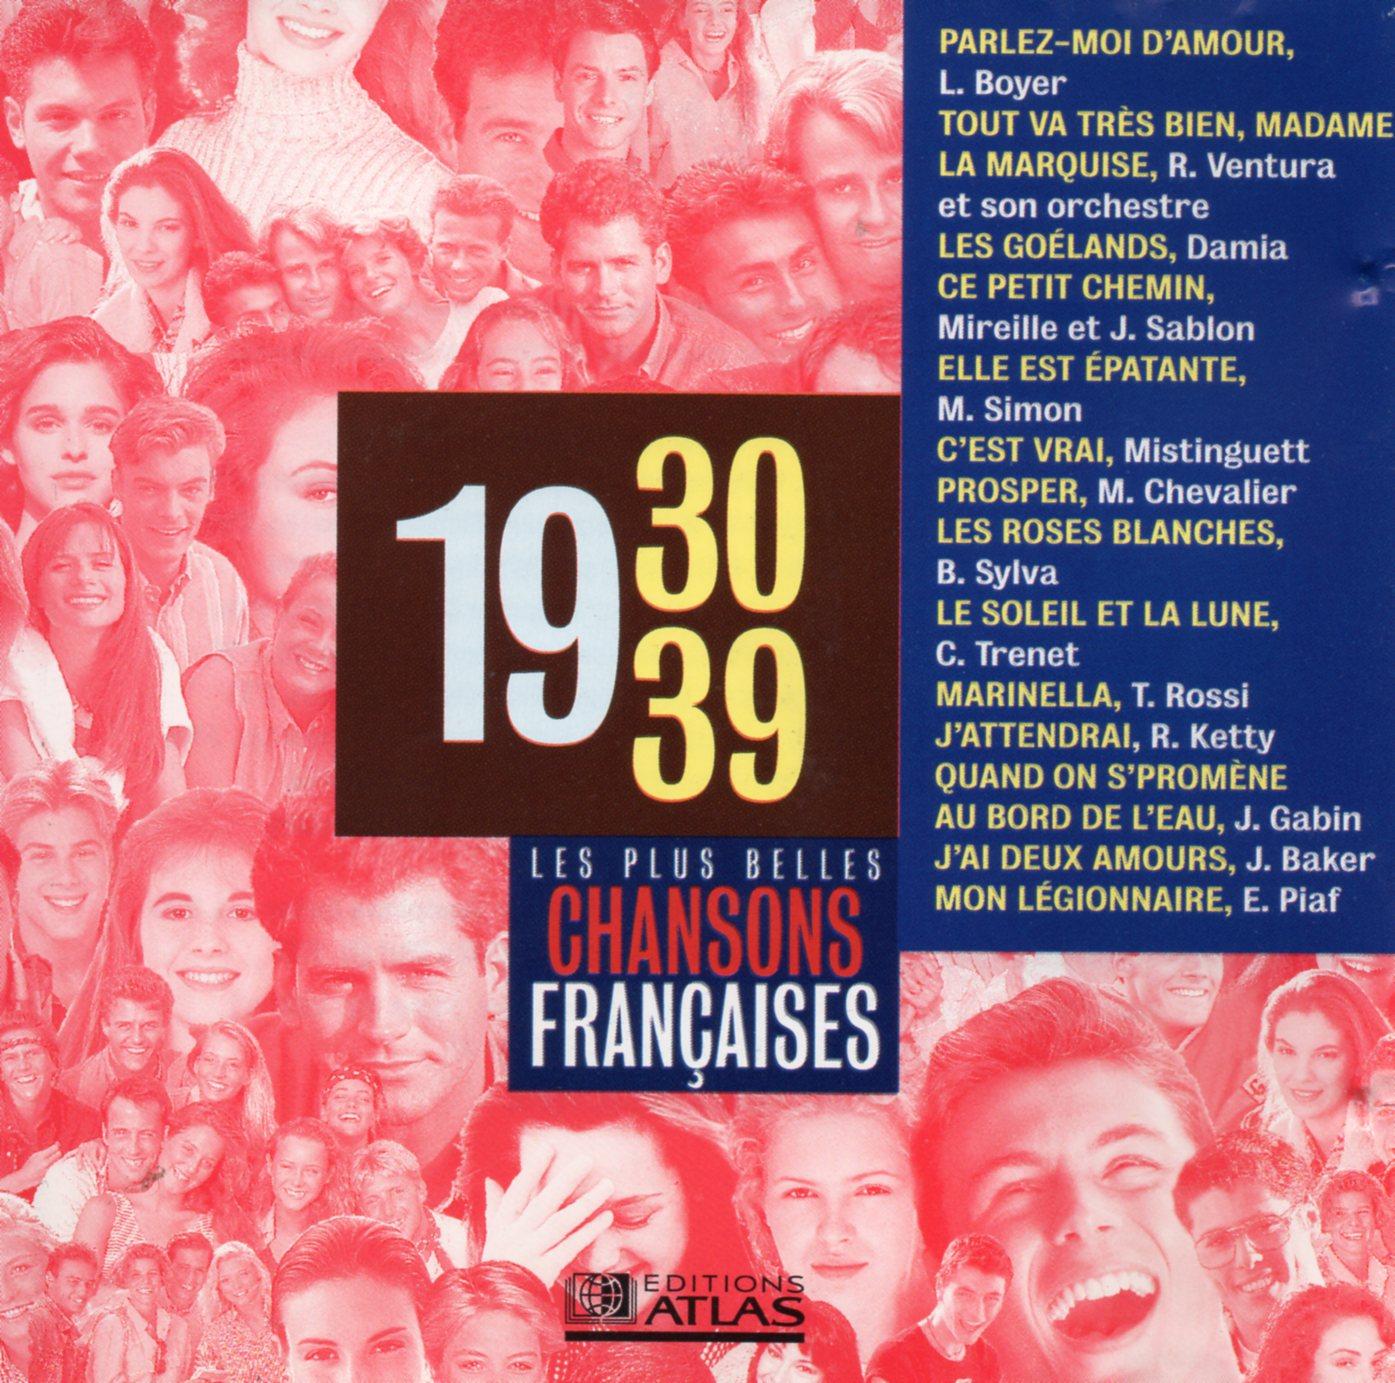 LES PLUS BELLES CHANSONS FRANCAISES 1930 - 1939 (L - Les plus belles chansons francaises 1930 - 1939 (Lucienne Boyer - Ray Ventura - Damia - Mireille & J - CD